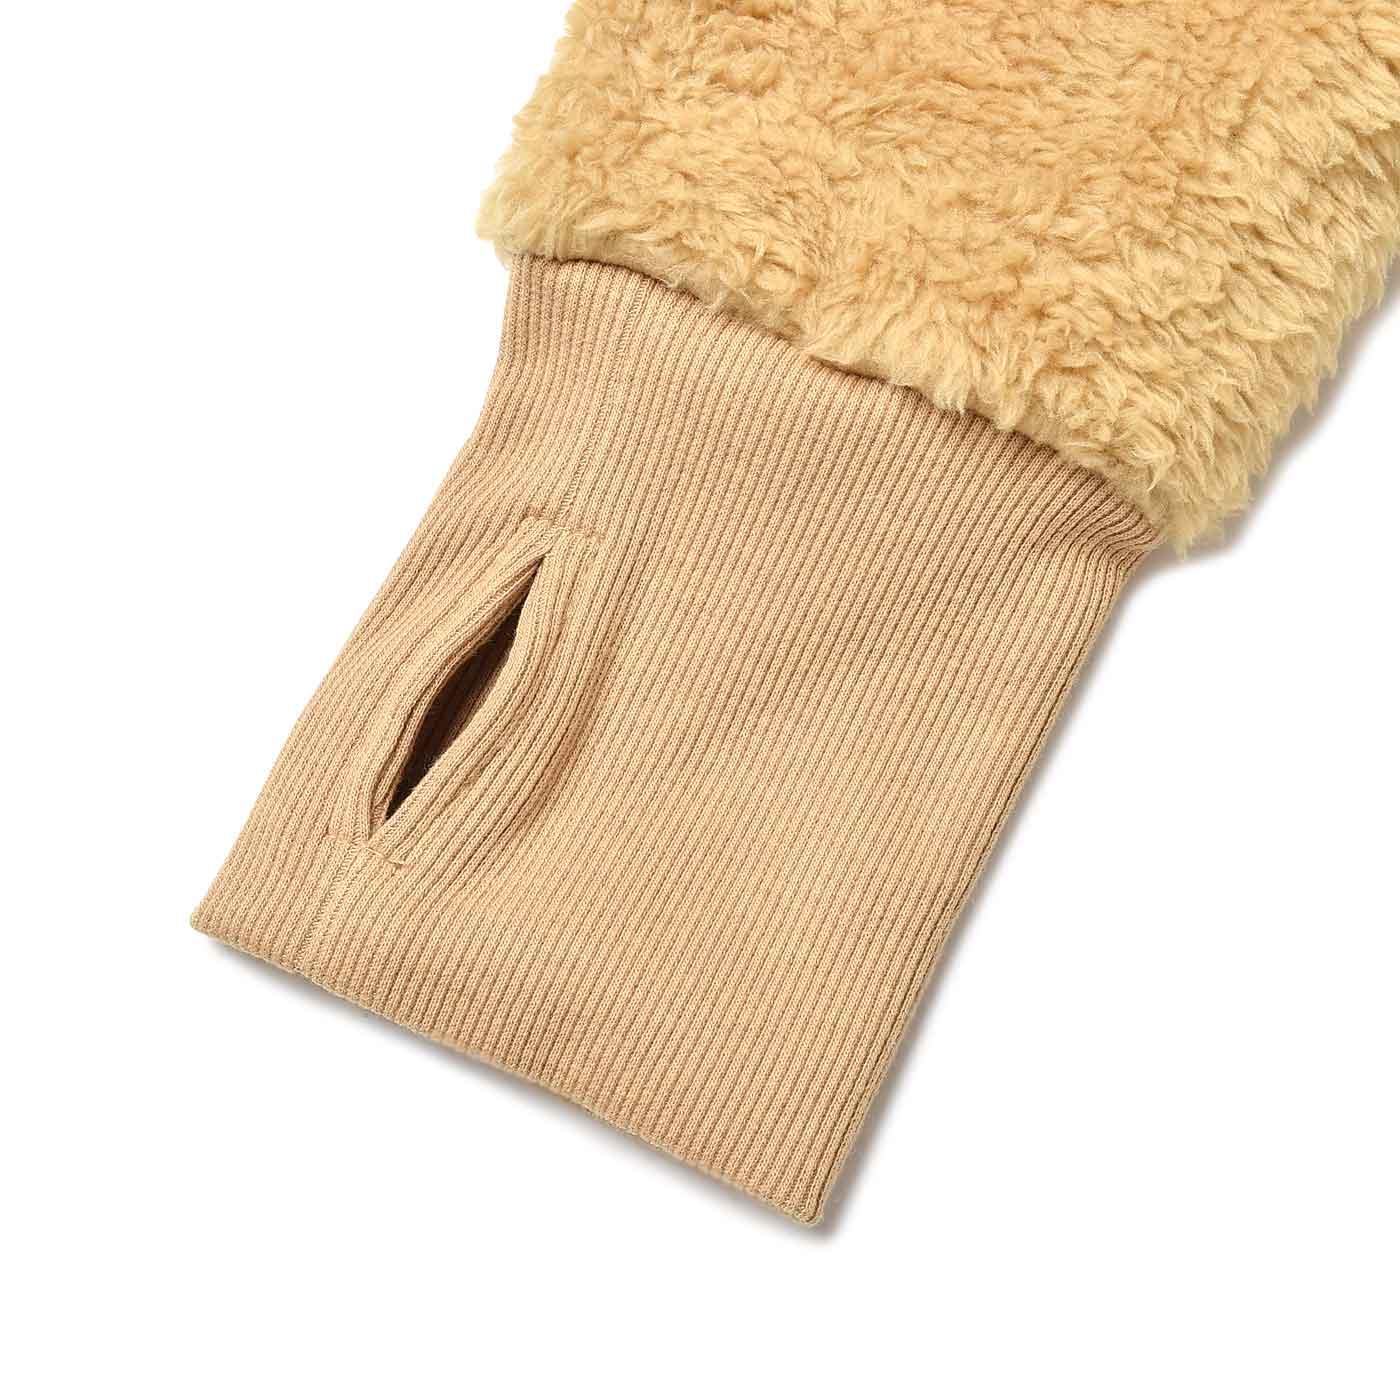 サムホール付きの袖で甲まであたたか。リブを内側に折り込めばすき間風対策にも。